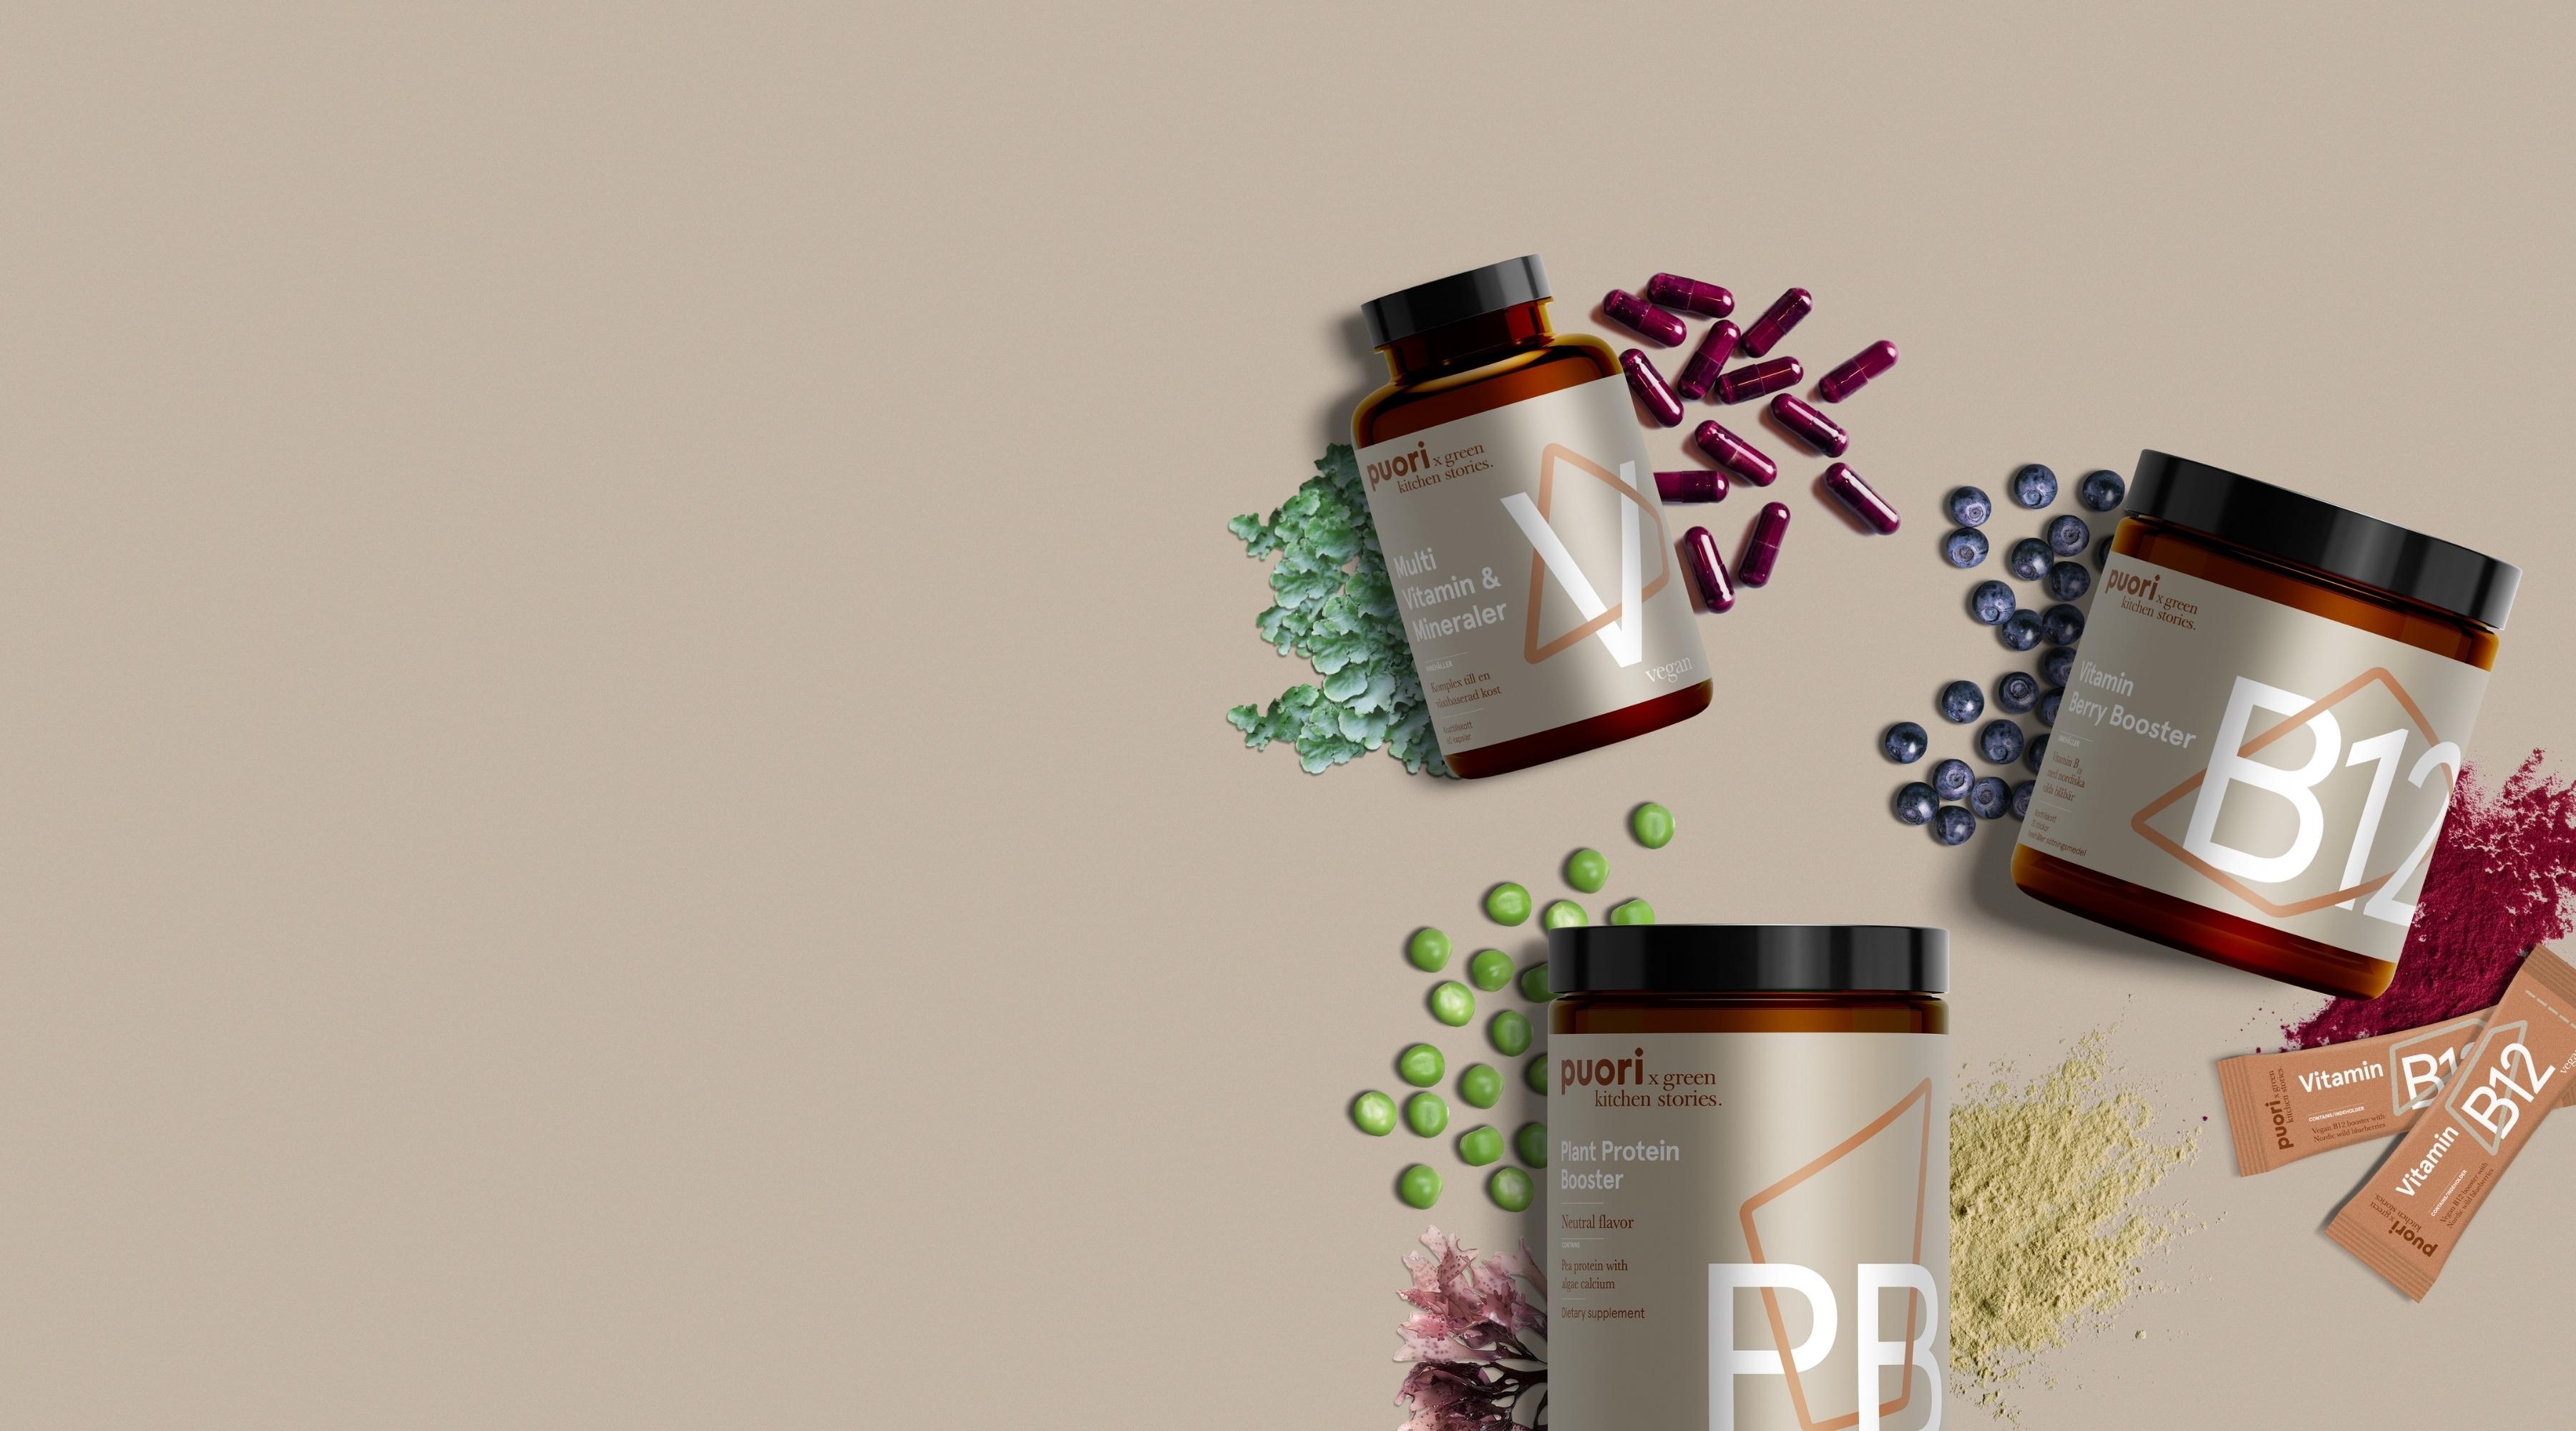 Puori – alltid rena och naturliga ingredienser